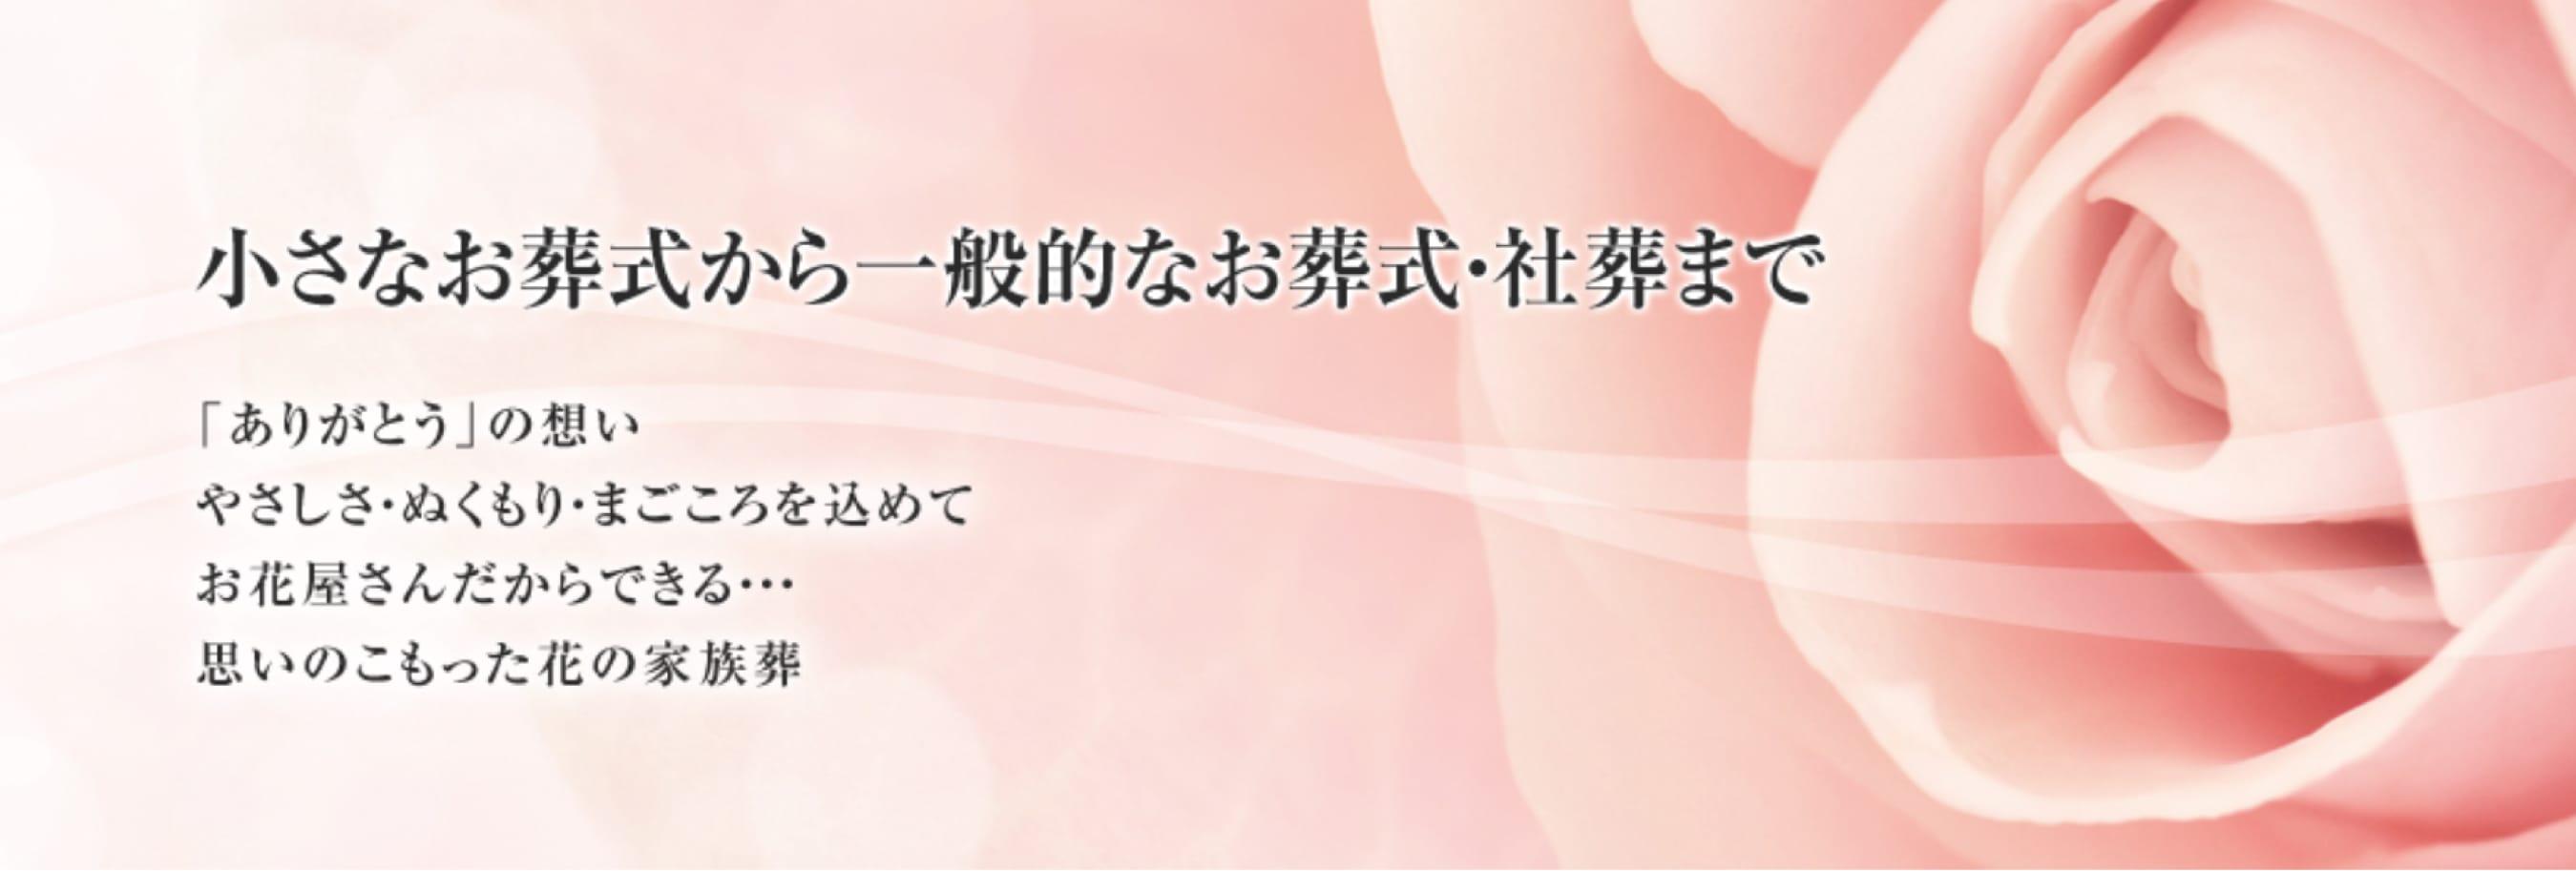 埼玉県川口市:葬儀なら       花鈴なごみセレモニー